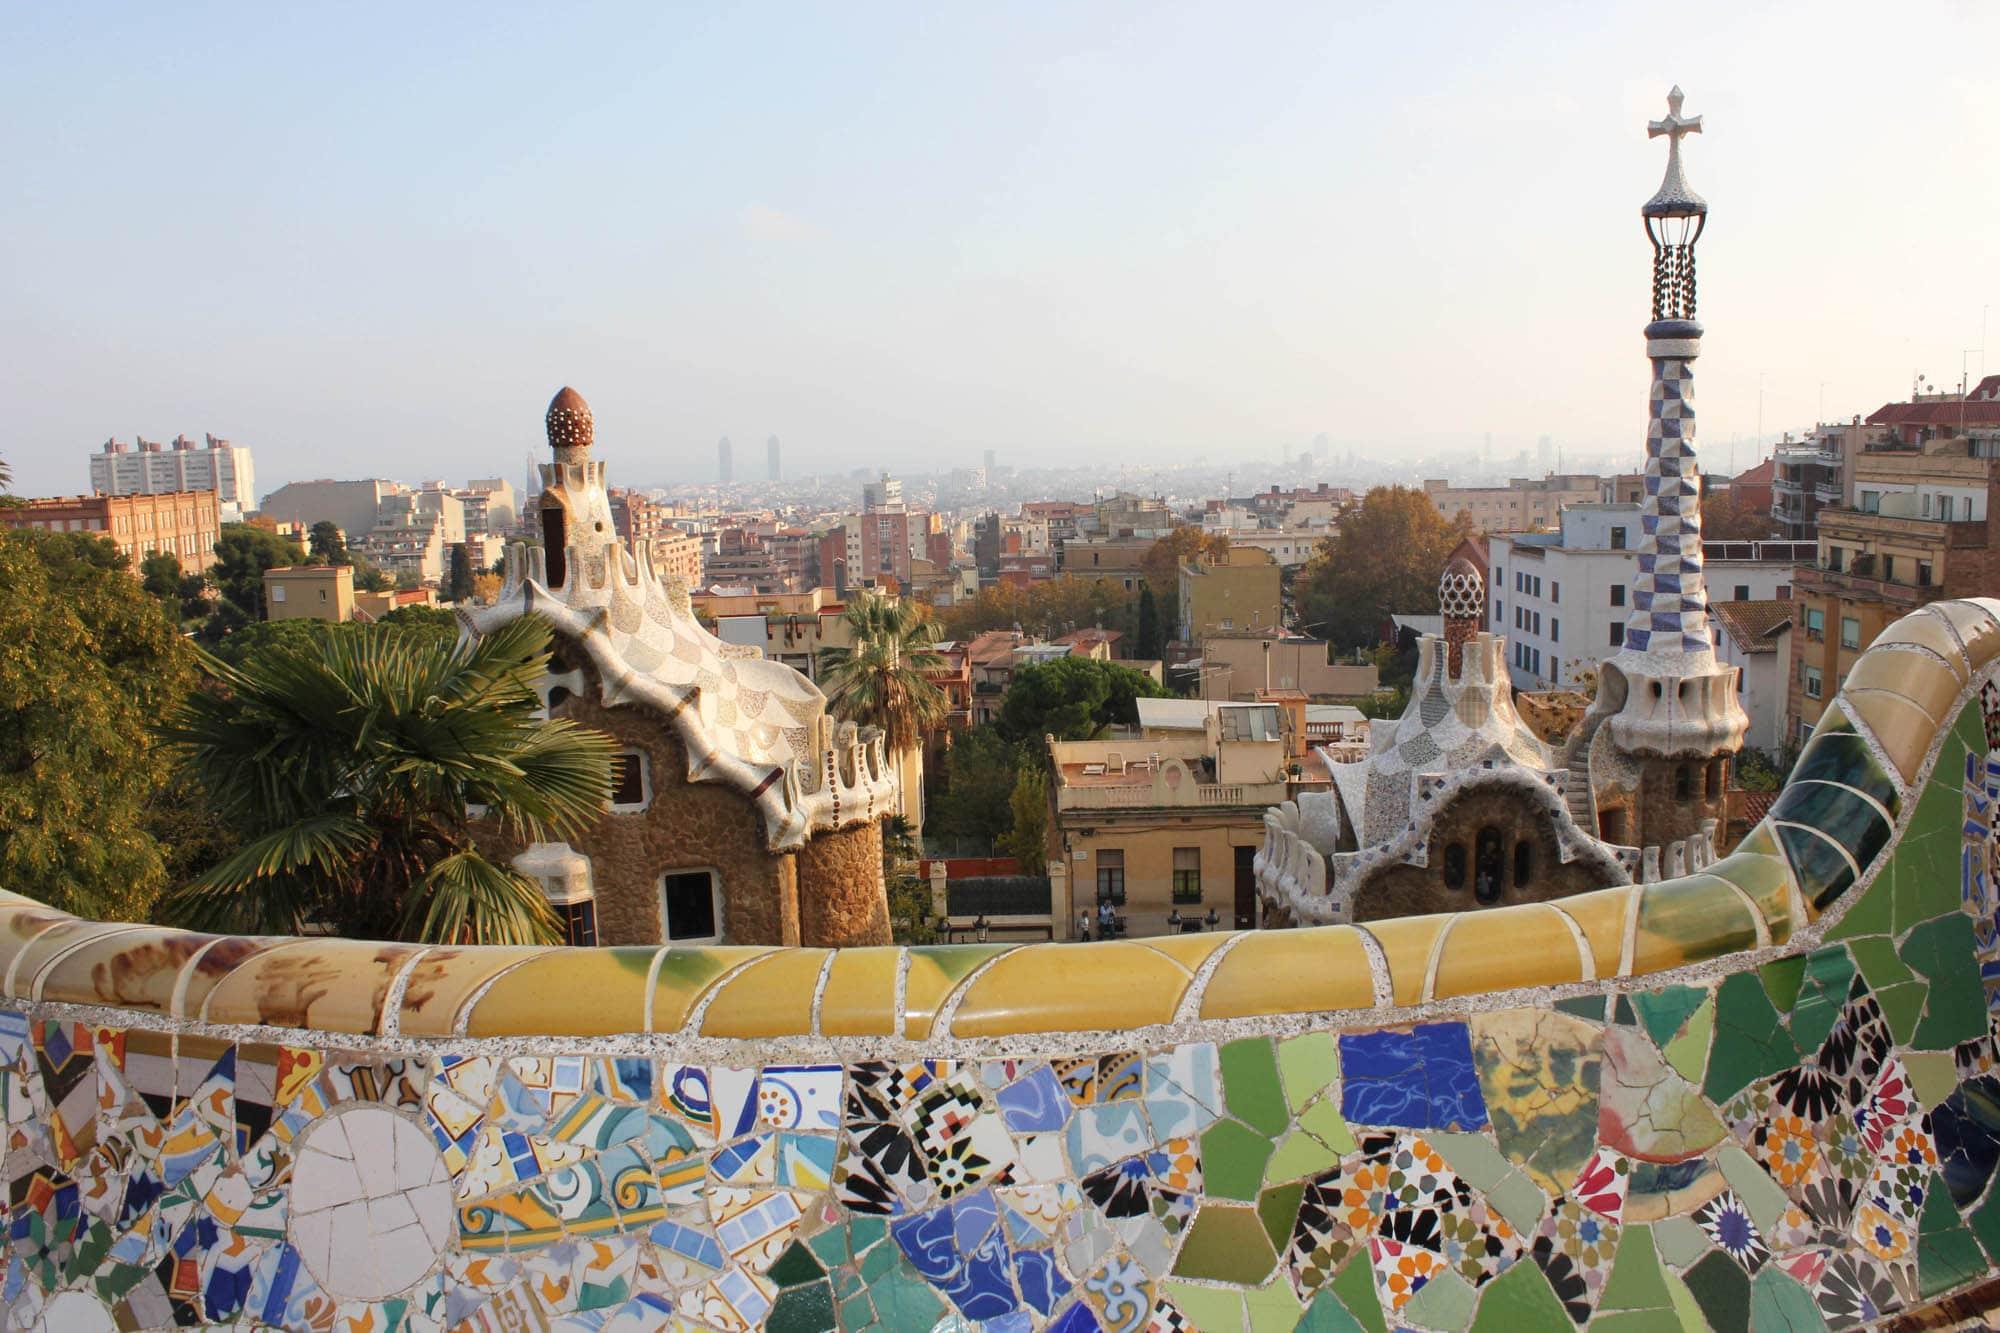 Niezapomniane urodziny – czyli przedłużony weekend w Barcelonie 58